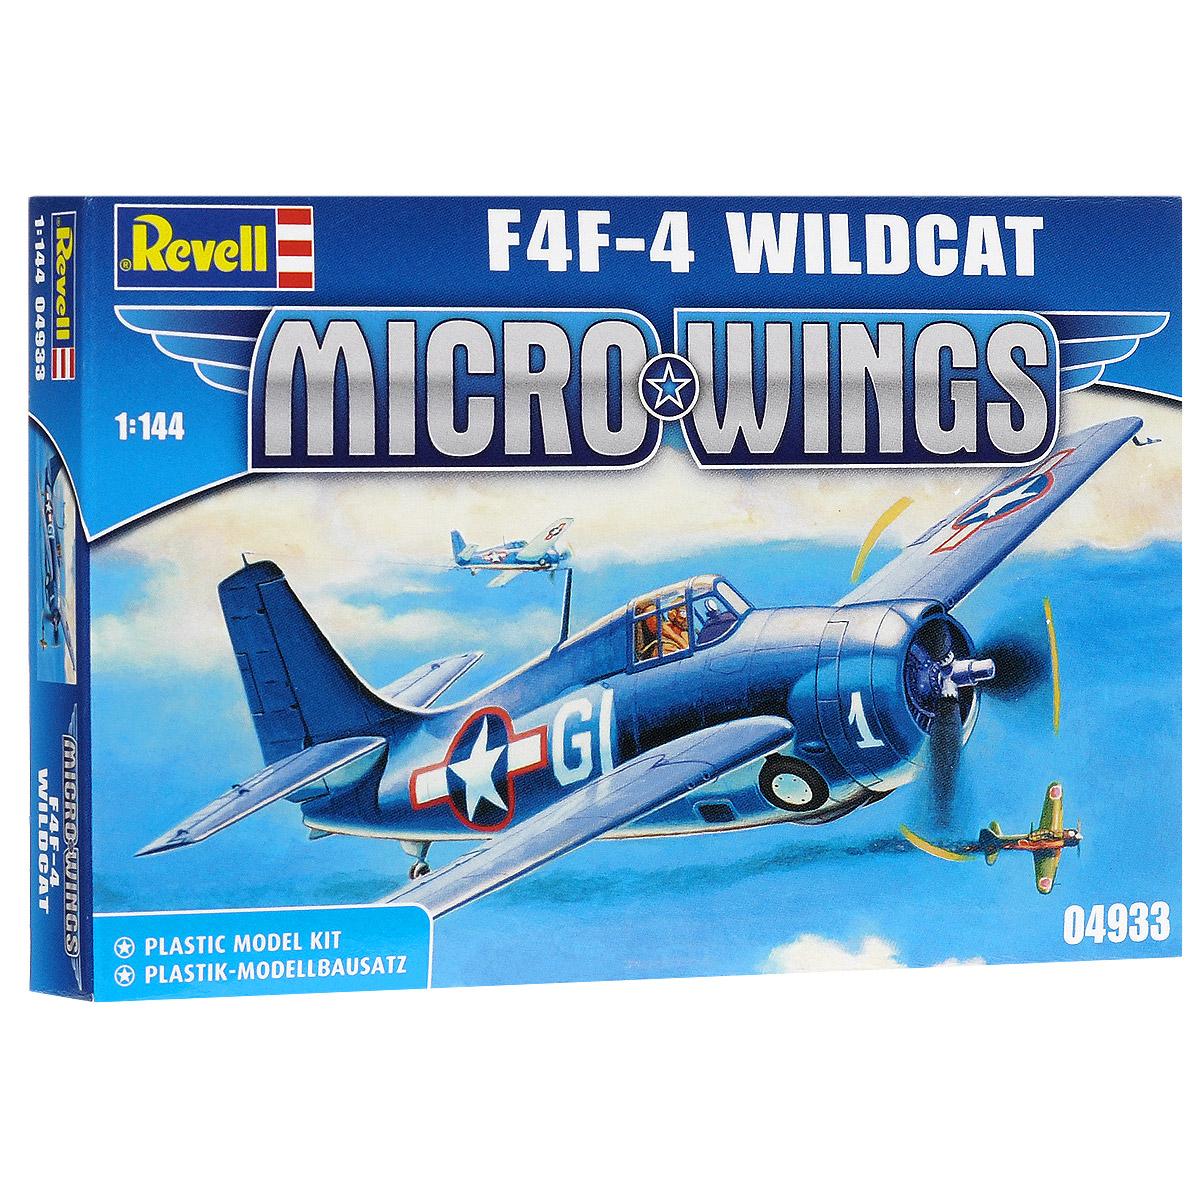 Сборная модель Revell Самолет F4F-4 Wildcat04933Сборная модель Revell Самолет F4F-4 Wildcat поможет вам и вашему ребенку придумать увлекательное занятие на долгое время. Набор включает в себя 18 пластиковых элементов, из которых можно собрать достоверную уменьшенную копию одноименного самолета. Самолет F4F-4 Wildcat - это одноместный истребитель-бомбардировщик. Первоначально самолет F4F-4 Wildcat был спроектирован как биплан, но в серию вошел свободнонесущим среднепланом. Опытный образец совершил свой первый полет в сентябре 1937 года. Также в наборе схематичная инструкция по сборке. Процесс сборки развивает интеллектуальные и инструментальные способности, воображение и конструктивное мышление, а также прививает практические навыки работы со схемами и чертежами. УВАЖАЕМЫЕ КЛИЕНТЫ! Обращаем ваше внимание на тот факт, что элементы для сборки не покрашены. Клей и краски в комплект не входят.